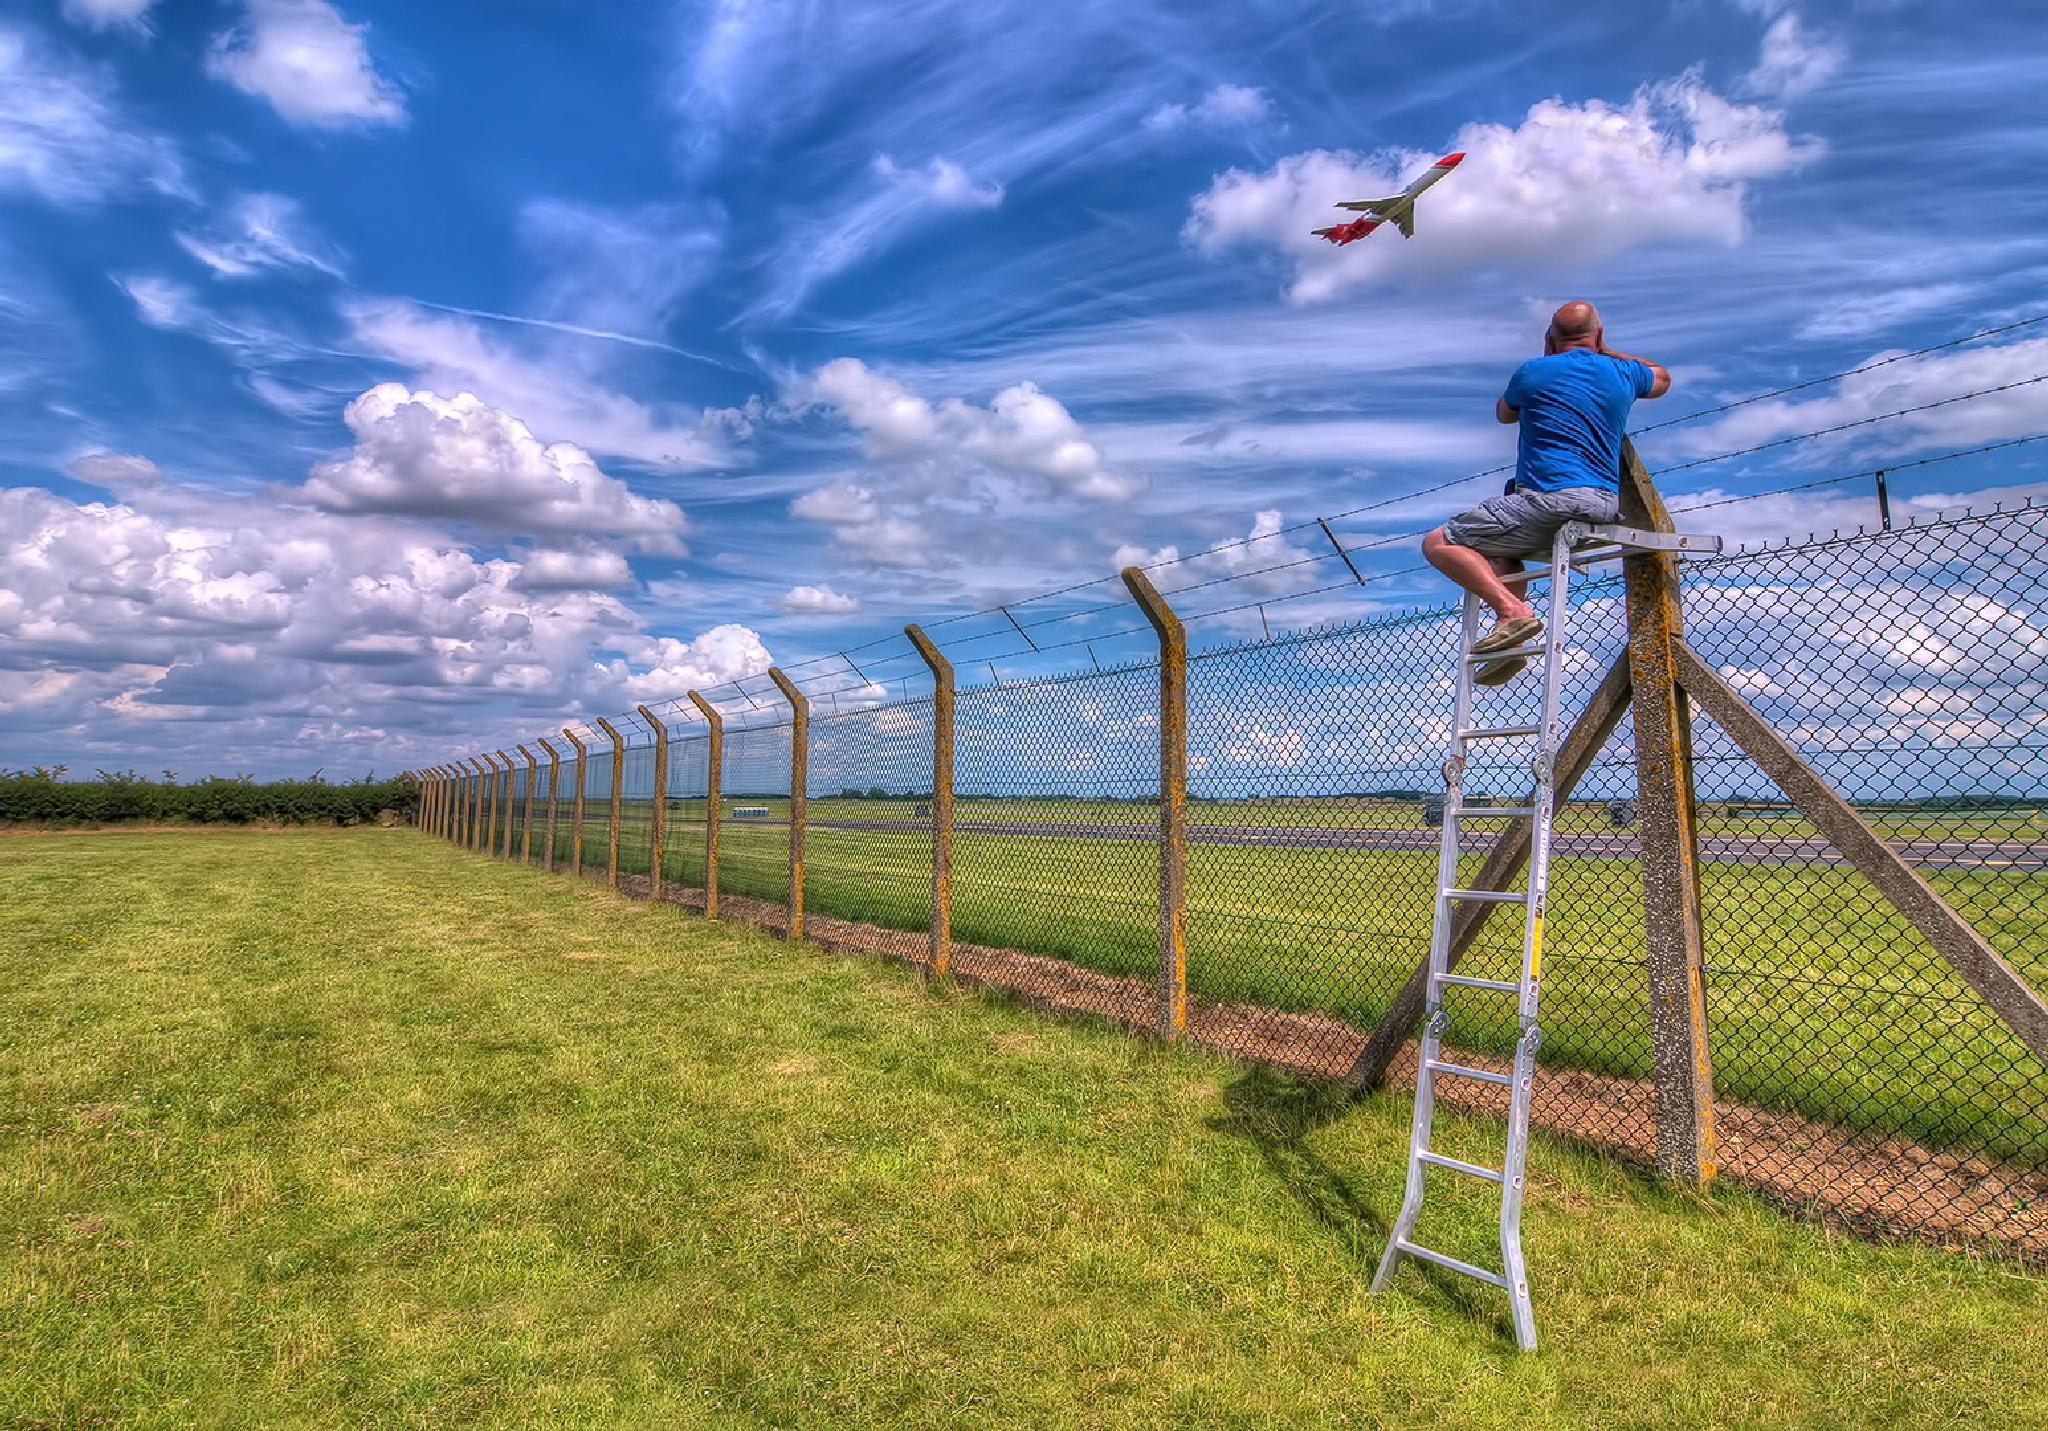 The Plane Spotter by Darrell Burnett